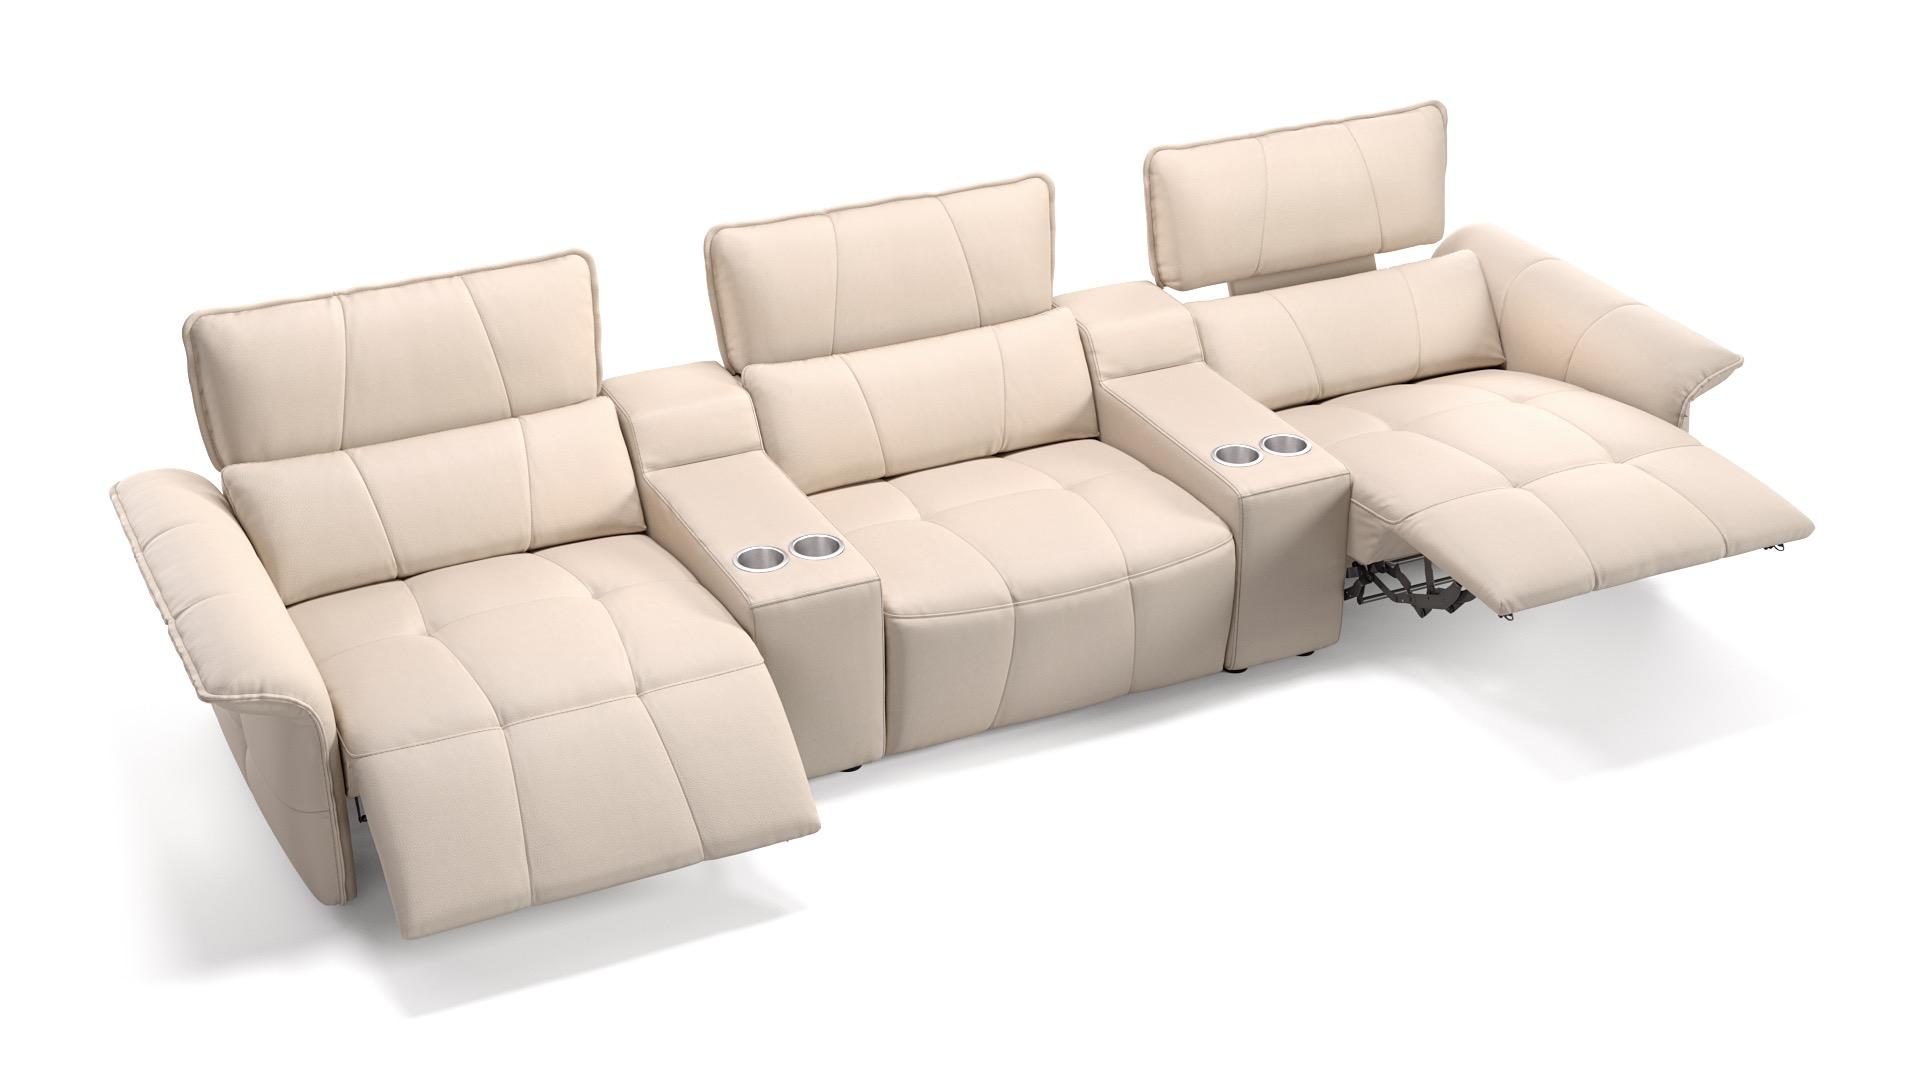 Leder 3-Sitzer Kinosofa mit zwei Mittelkonsolen ADRIA